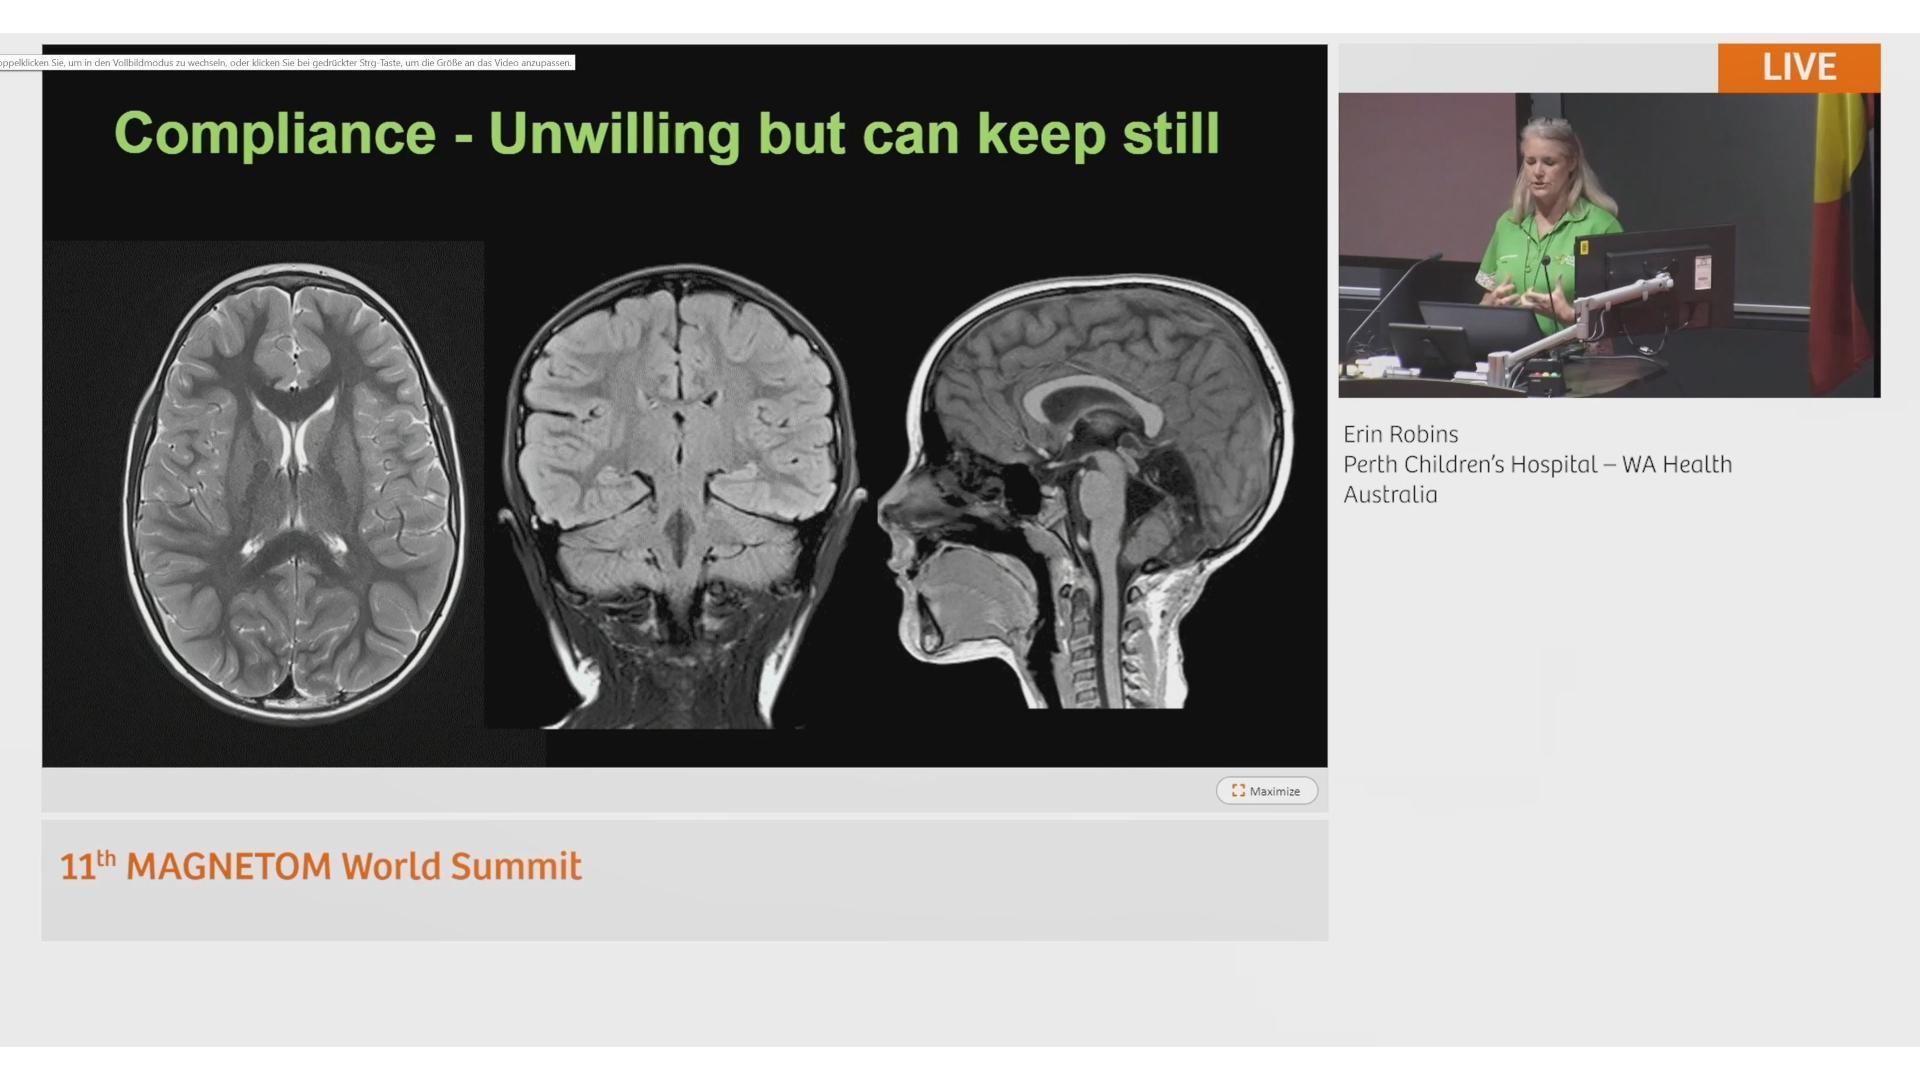 Preview Clinical Talk Ein Robins